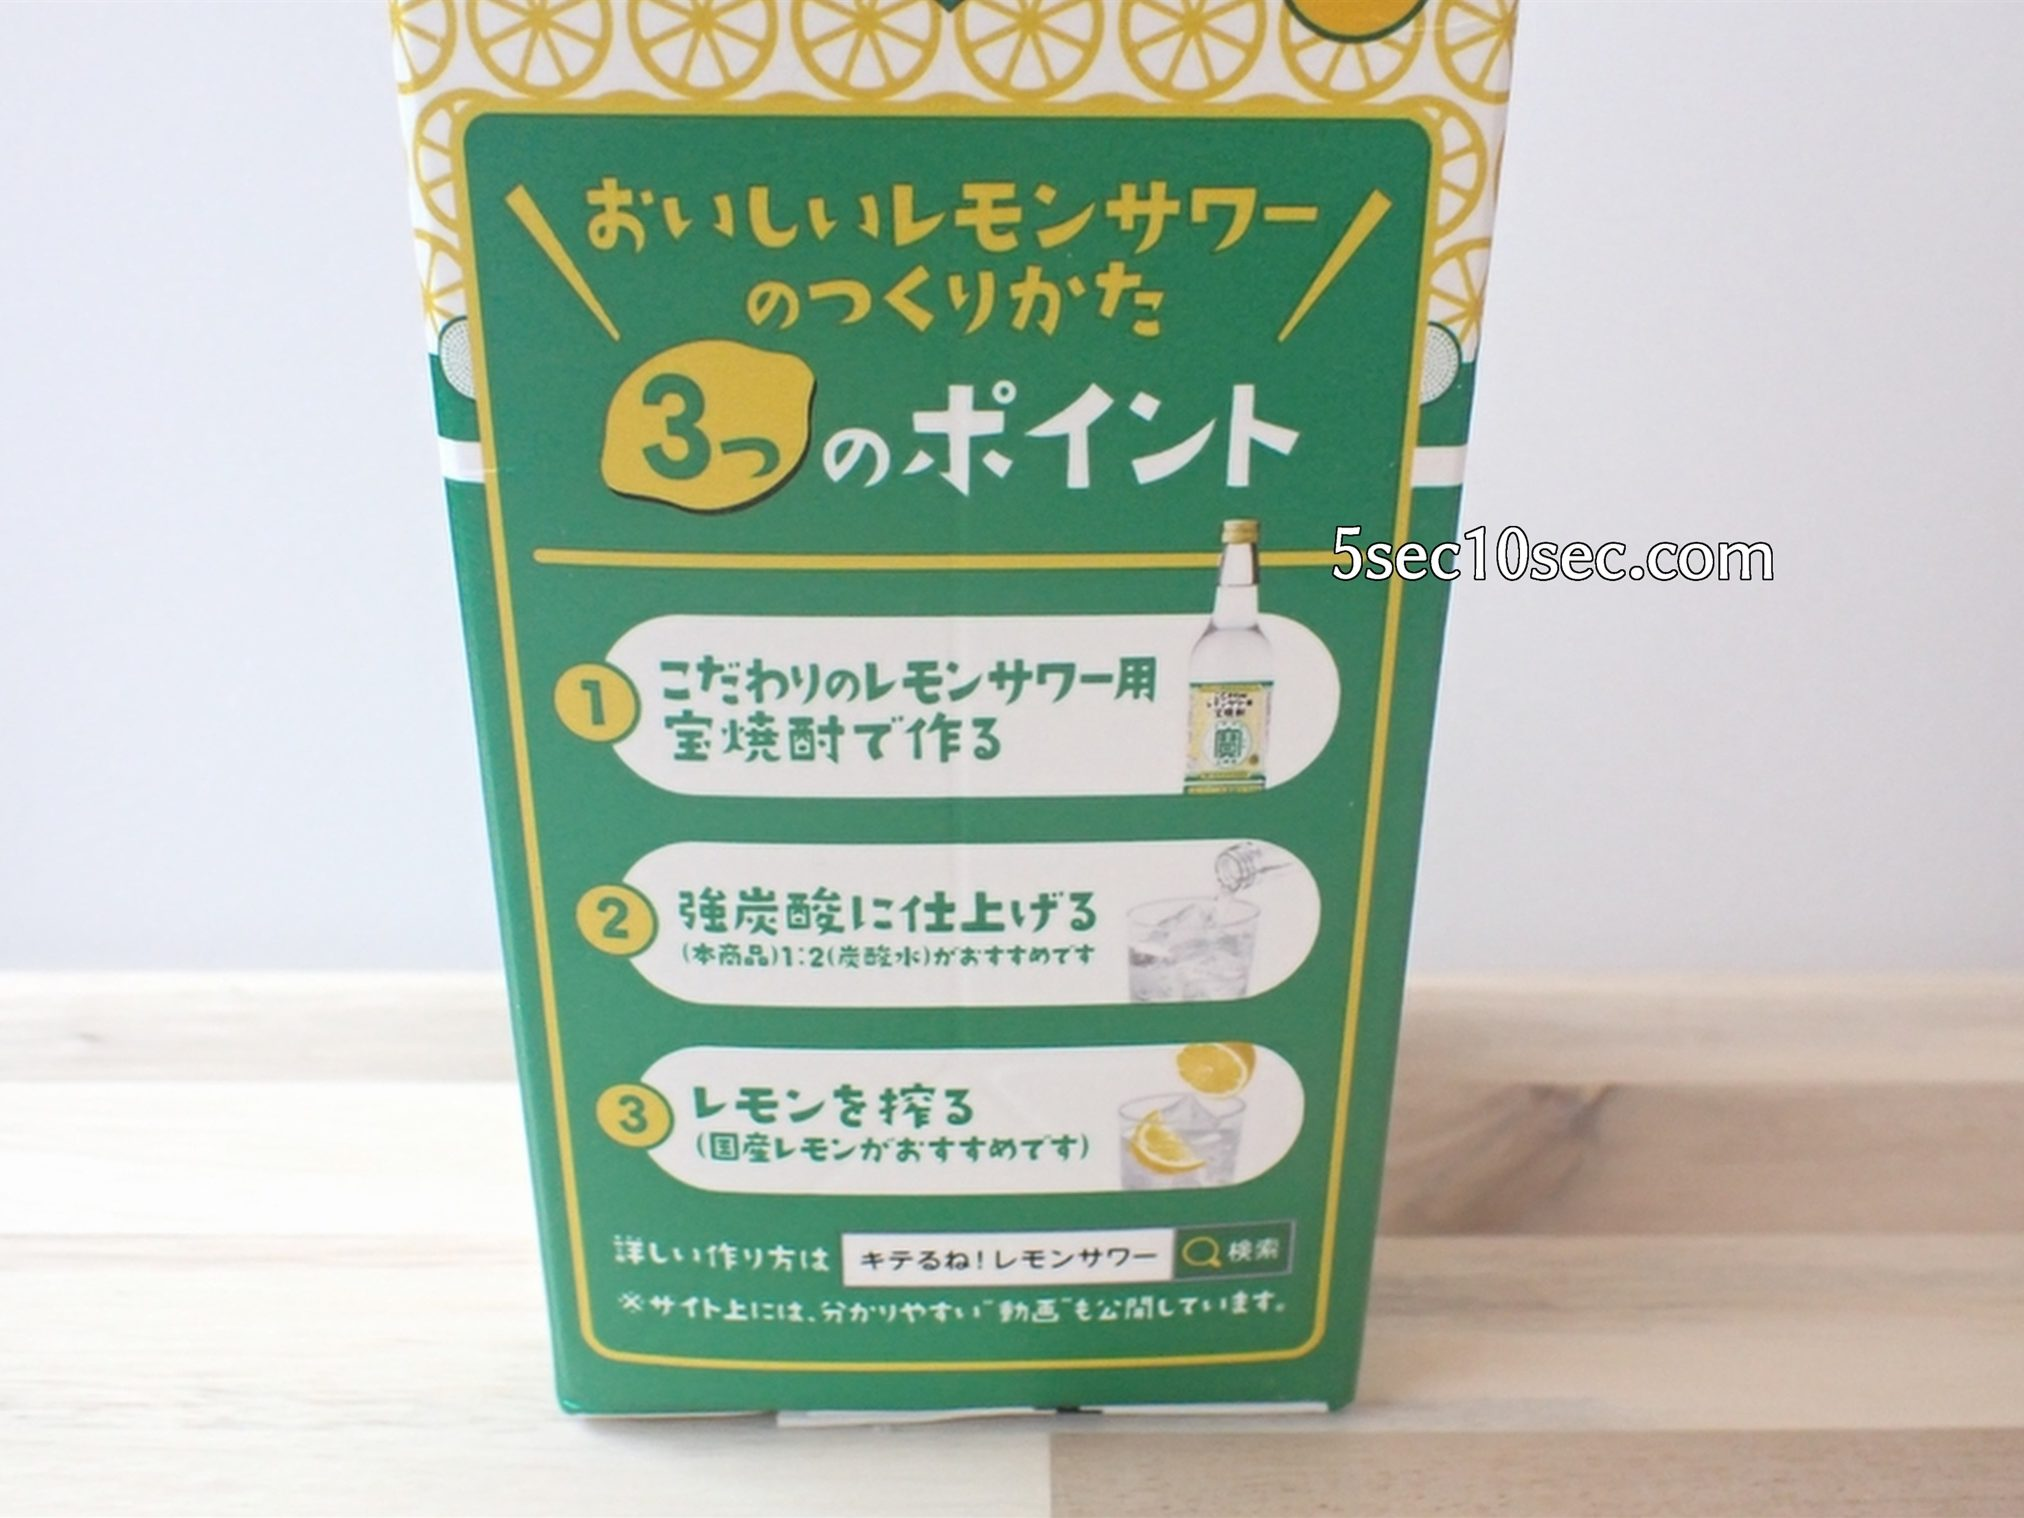 宝酒造 こだわりのレモンサワー用 宝焼酎 レモンと強炭酸を用意するだけでお店の味を家庭で再現できる